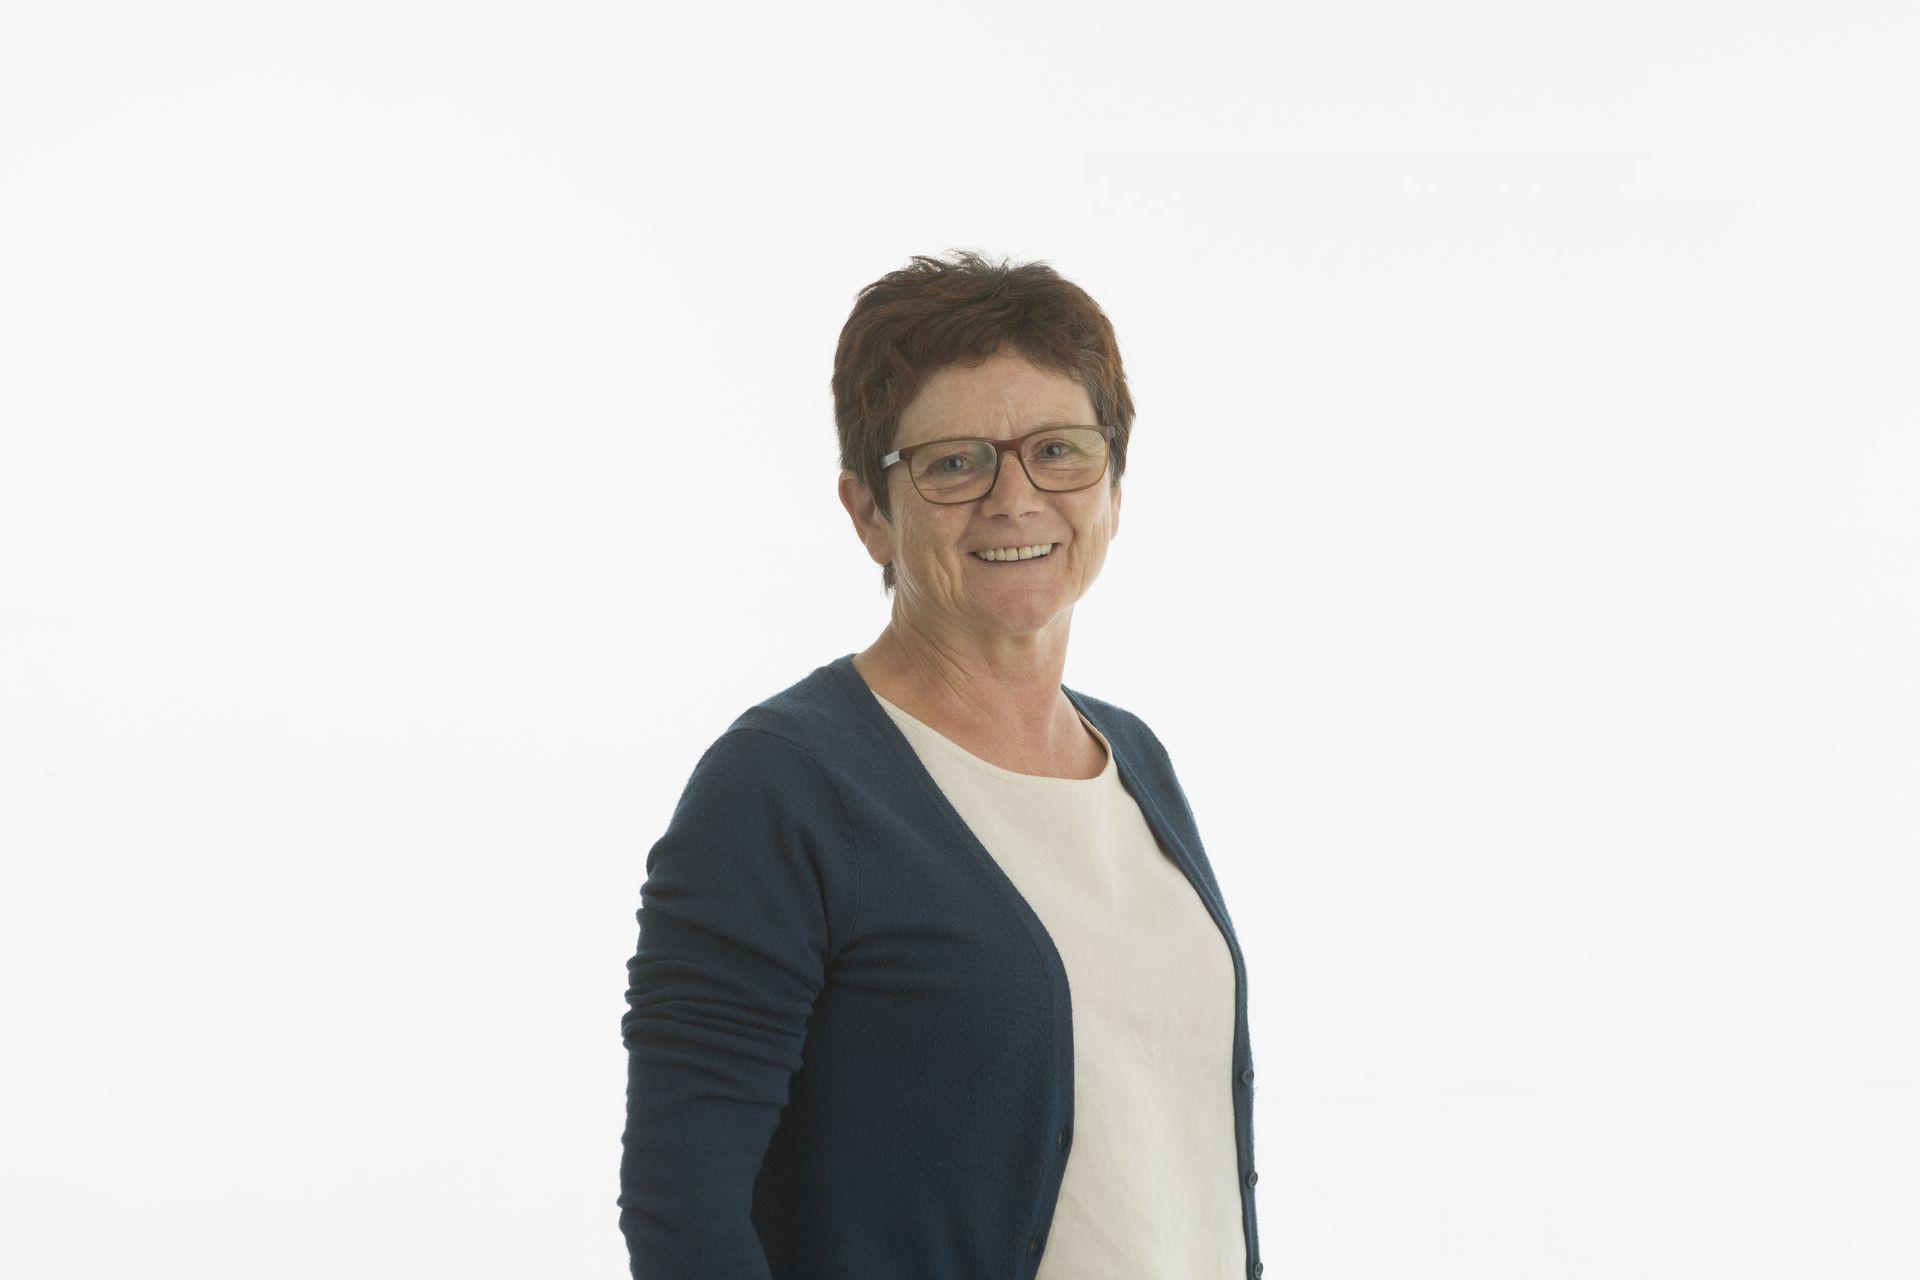 Margriet Vanlommel